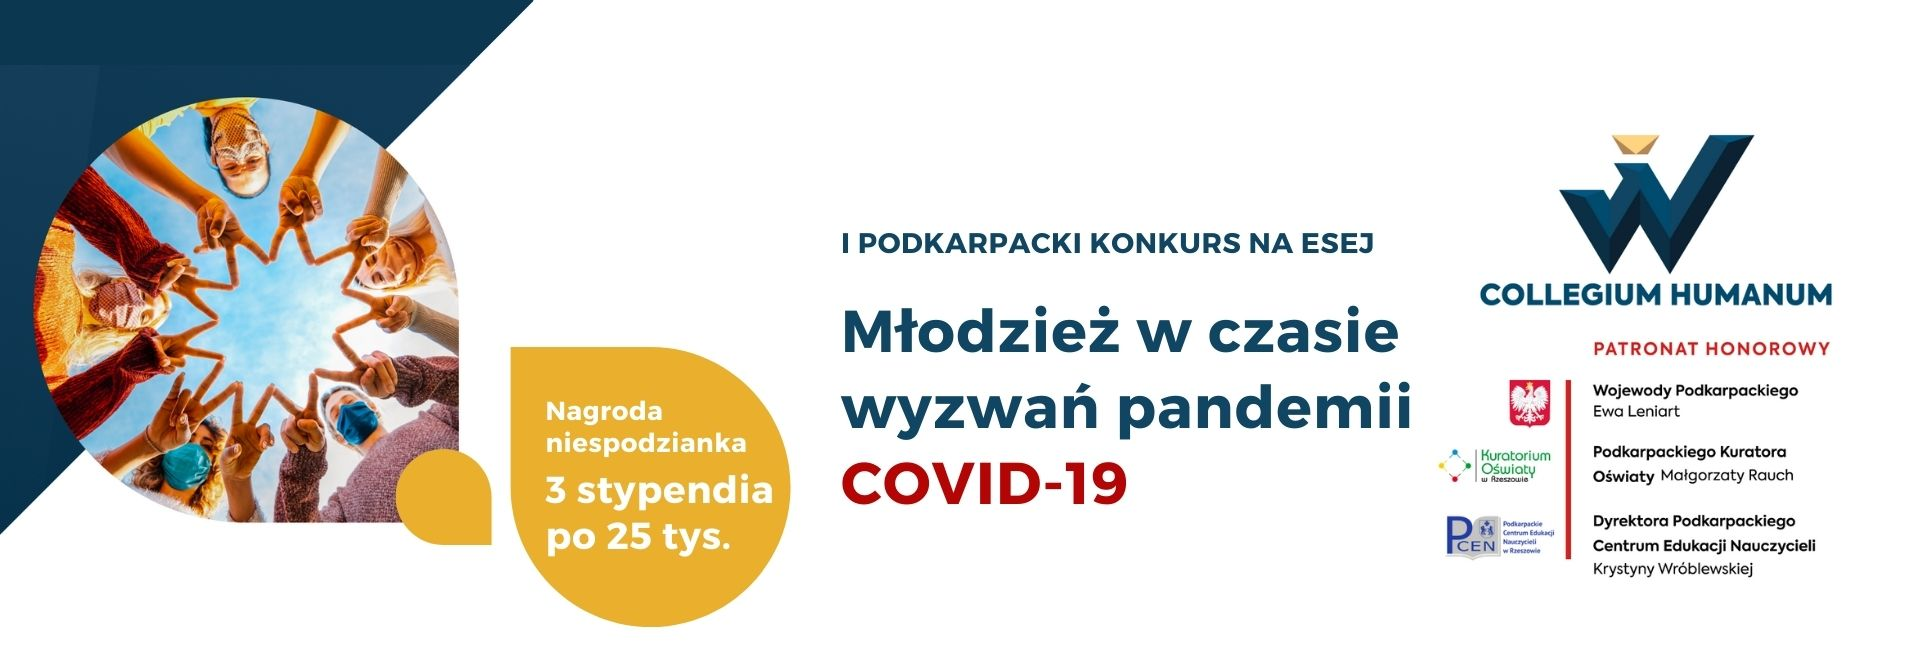 I podkarpacki konkurs na esej Młodzież w czasie wyzwań pandemii covid-19